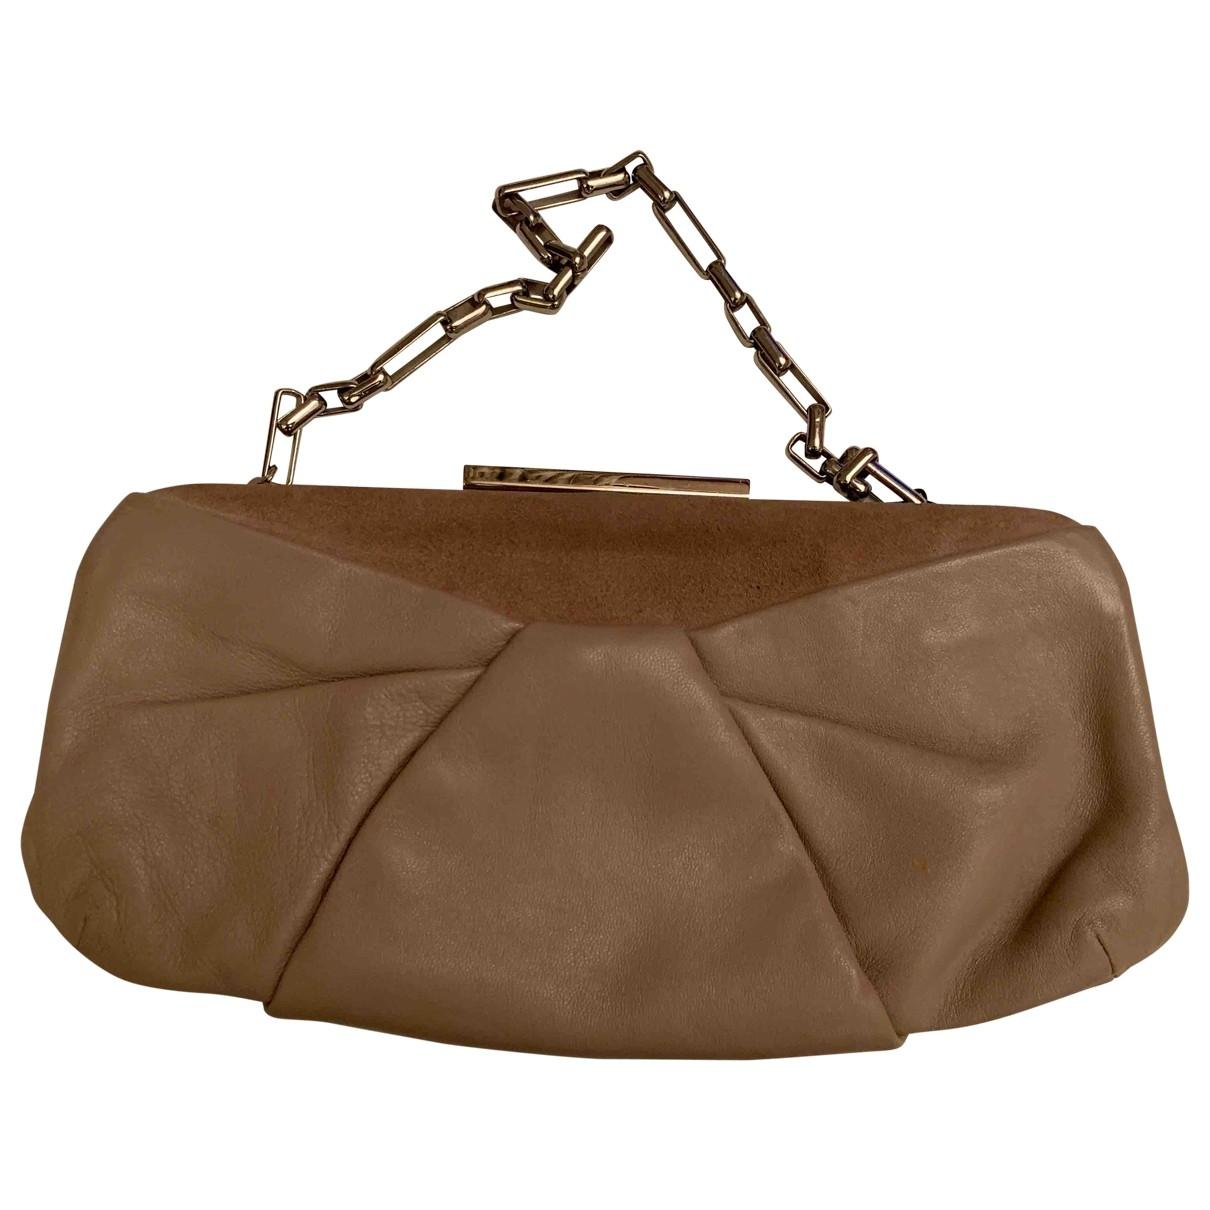 Lk Bennett - Pochette   pour femme en cuir